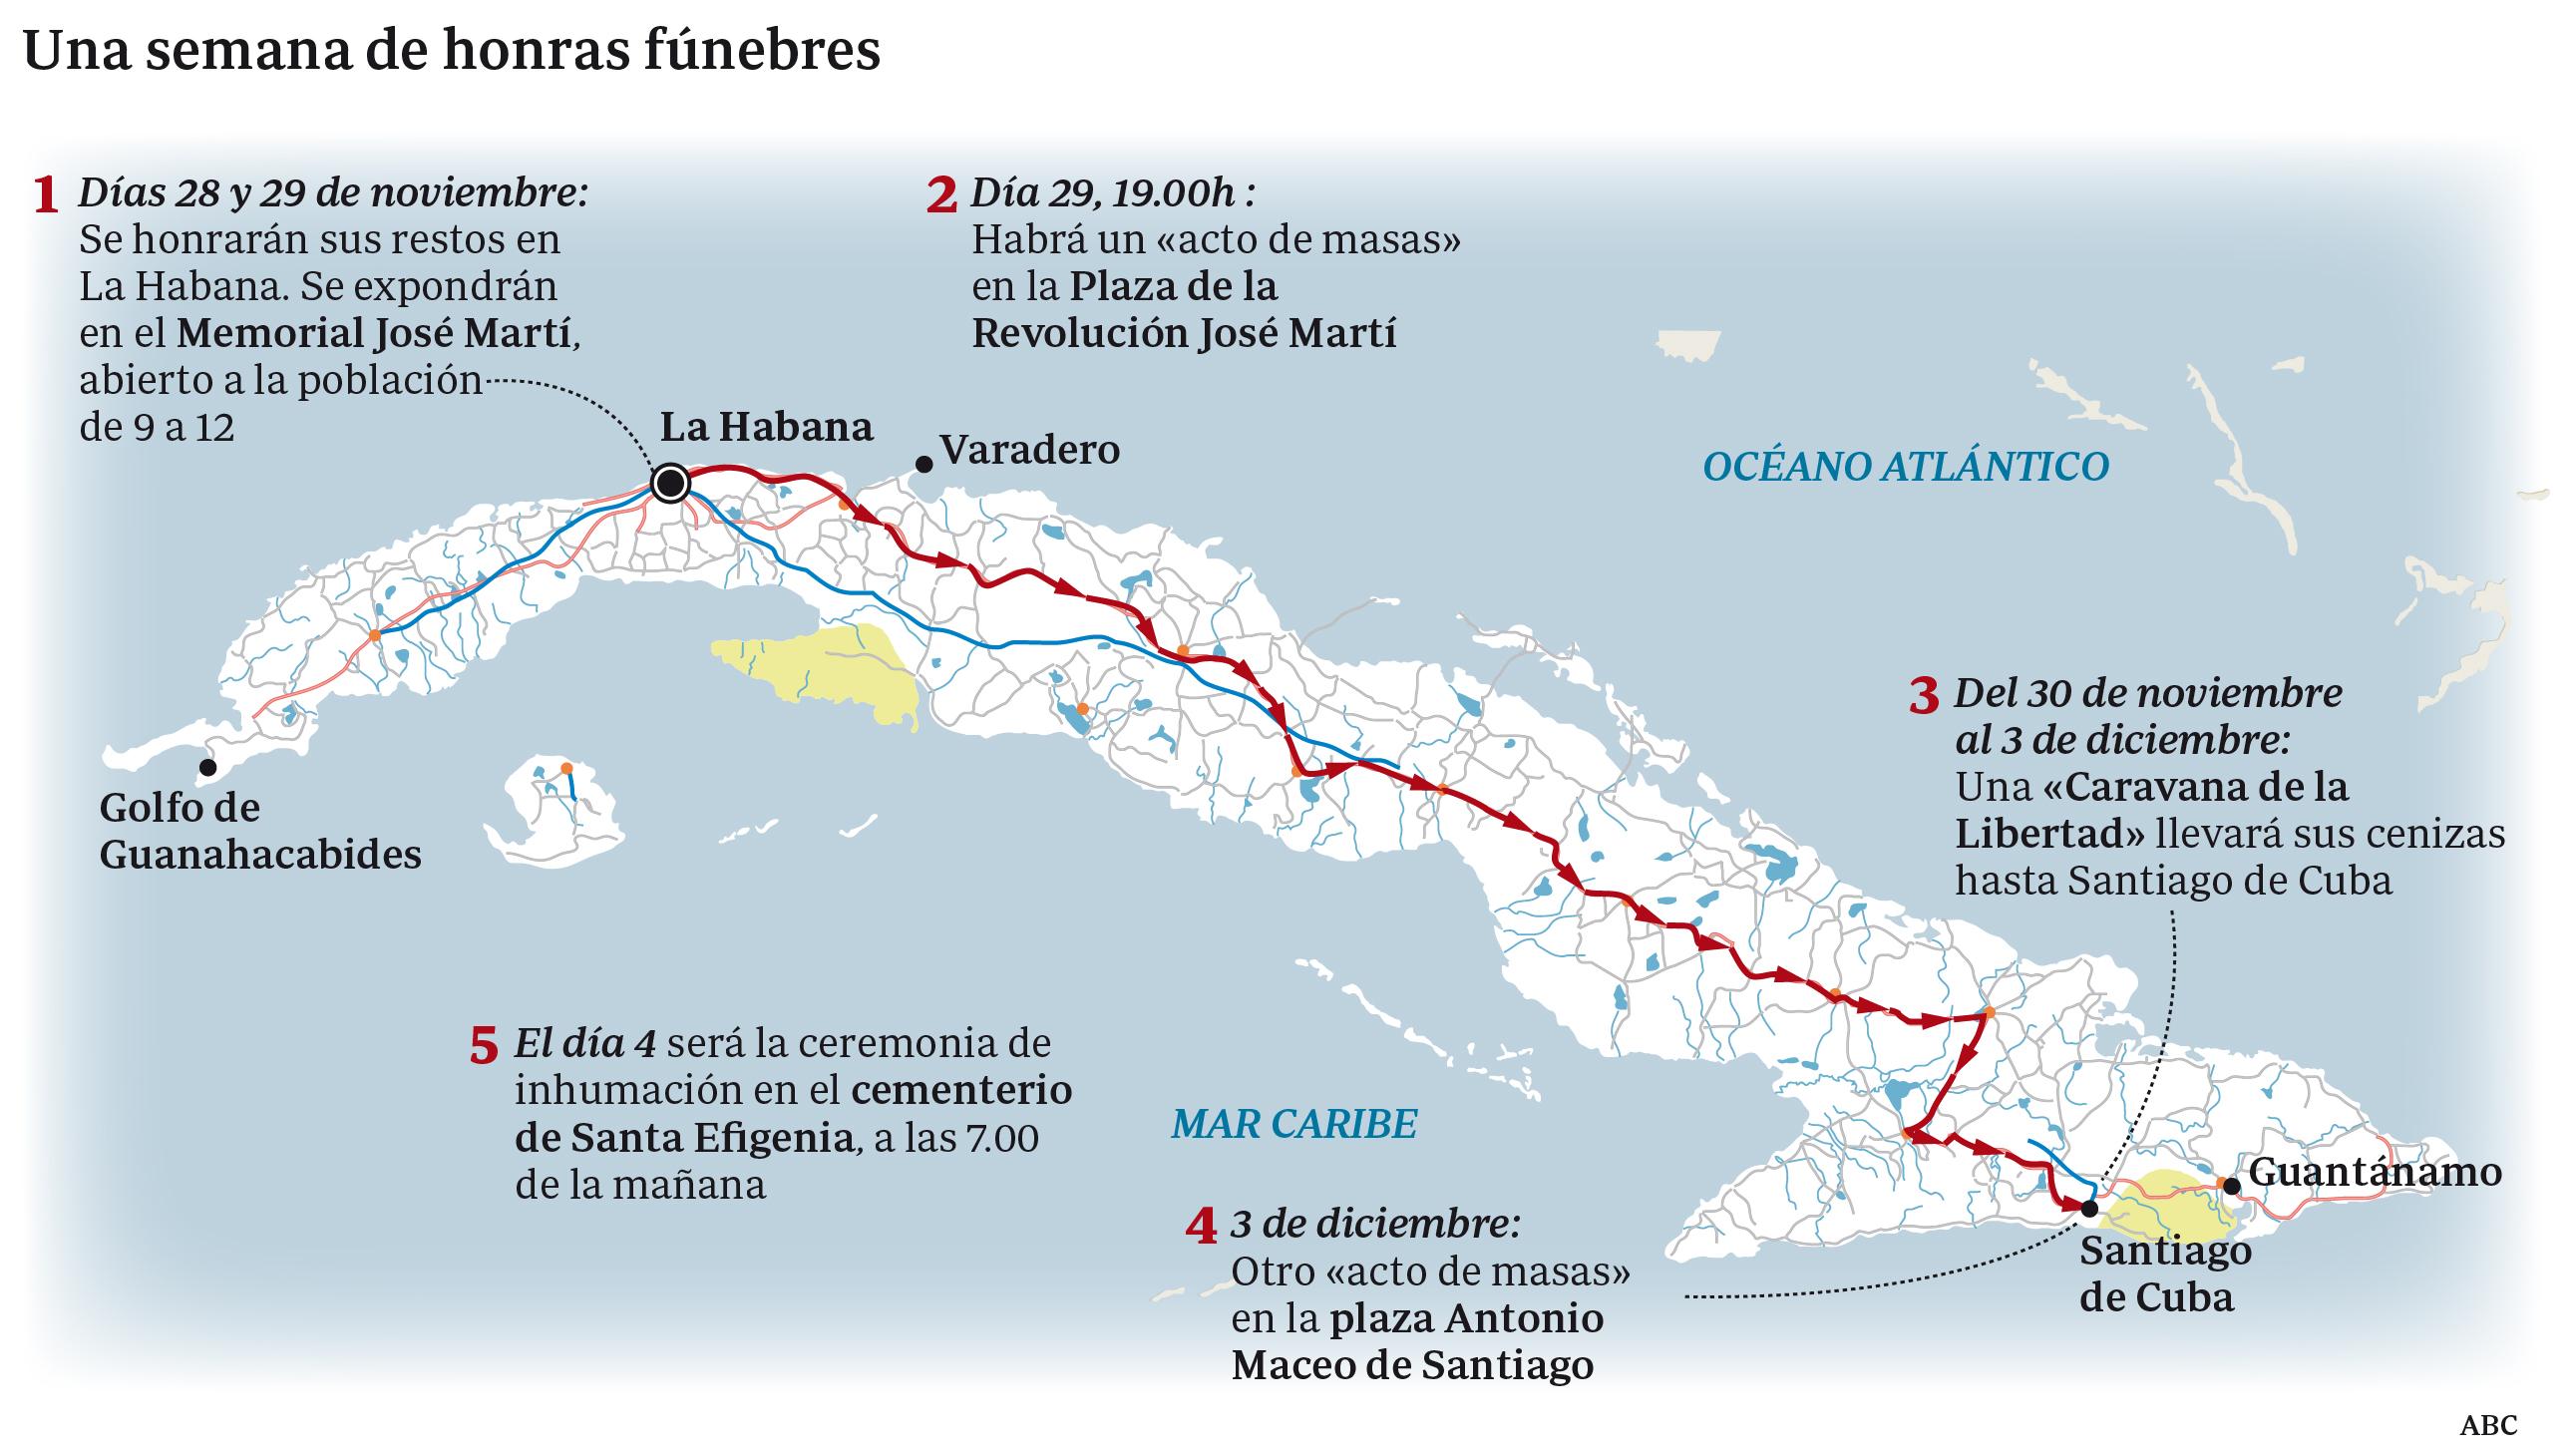 Muere Fidel Castro:  Una caravana llevará sus cenizas desde La Habana a Santiago